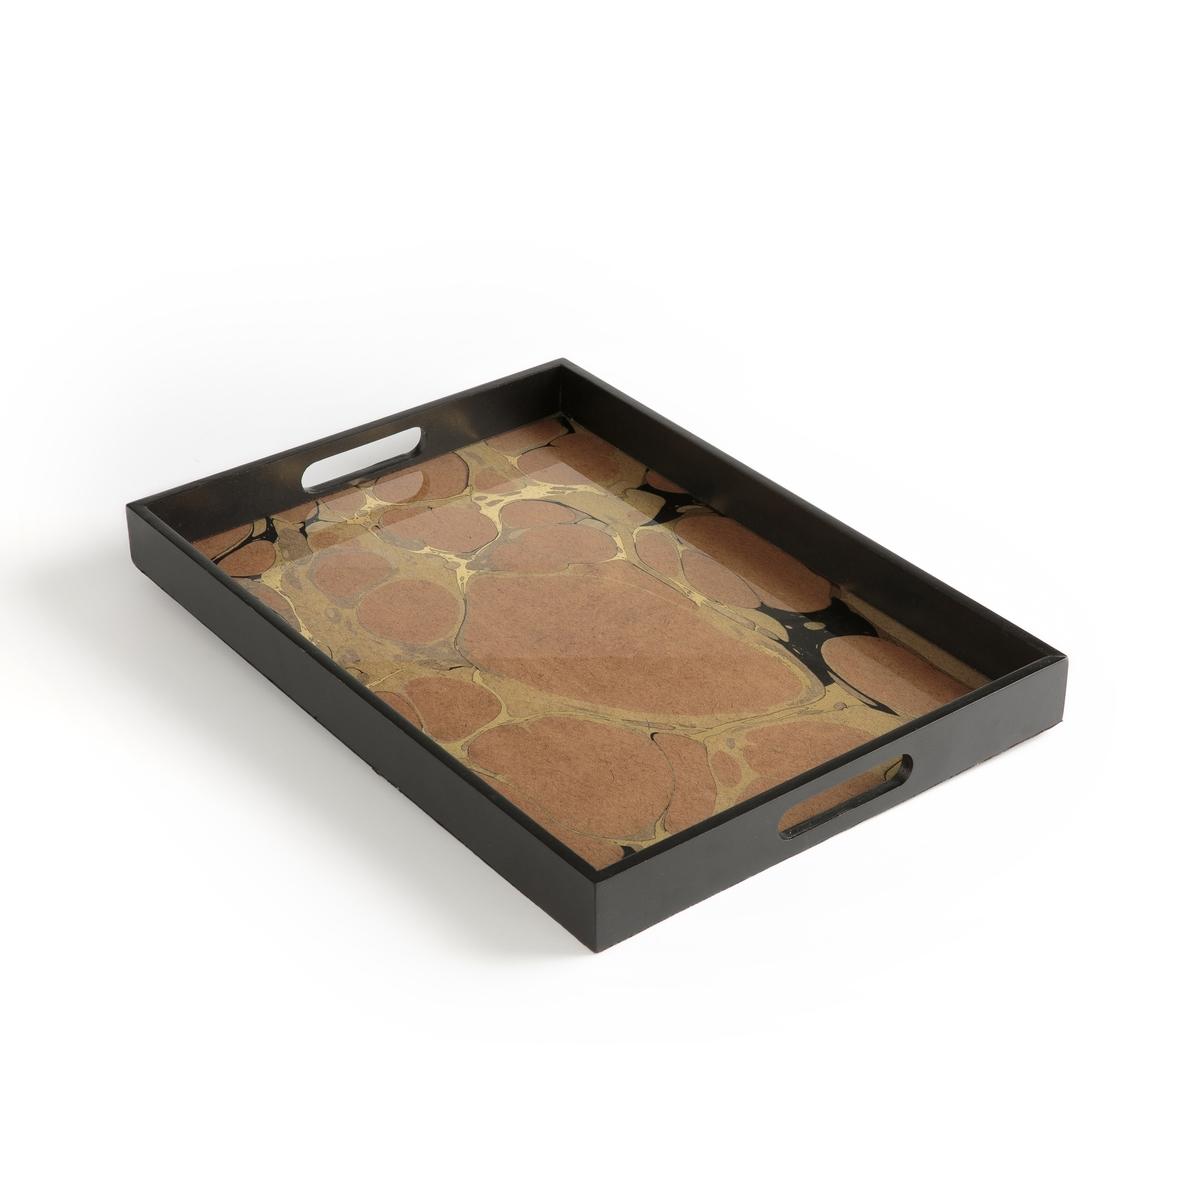 Поднос La Redoute Стеклянный Colko единый размер черный стол la redoute журнальный из бетона ademola единый размер серый